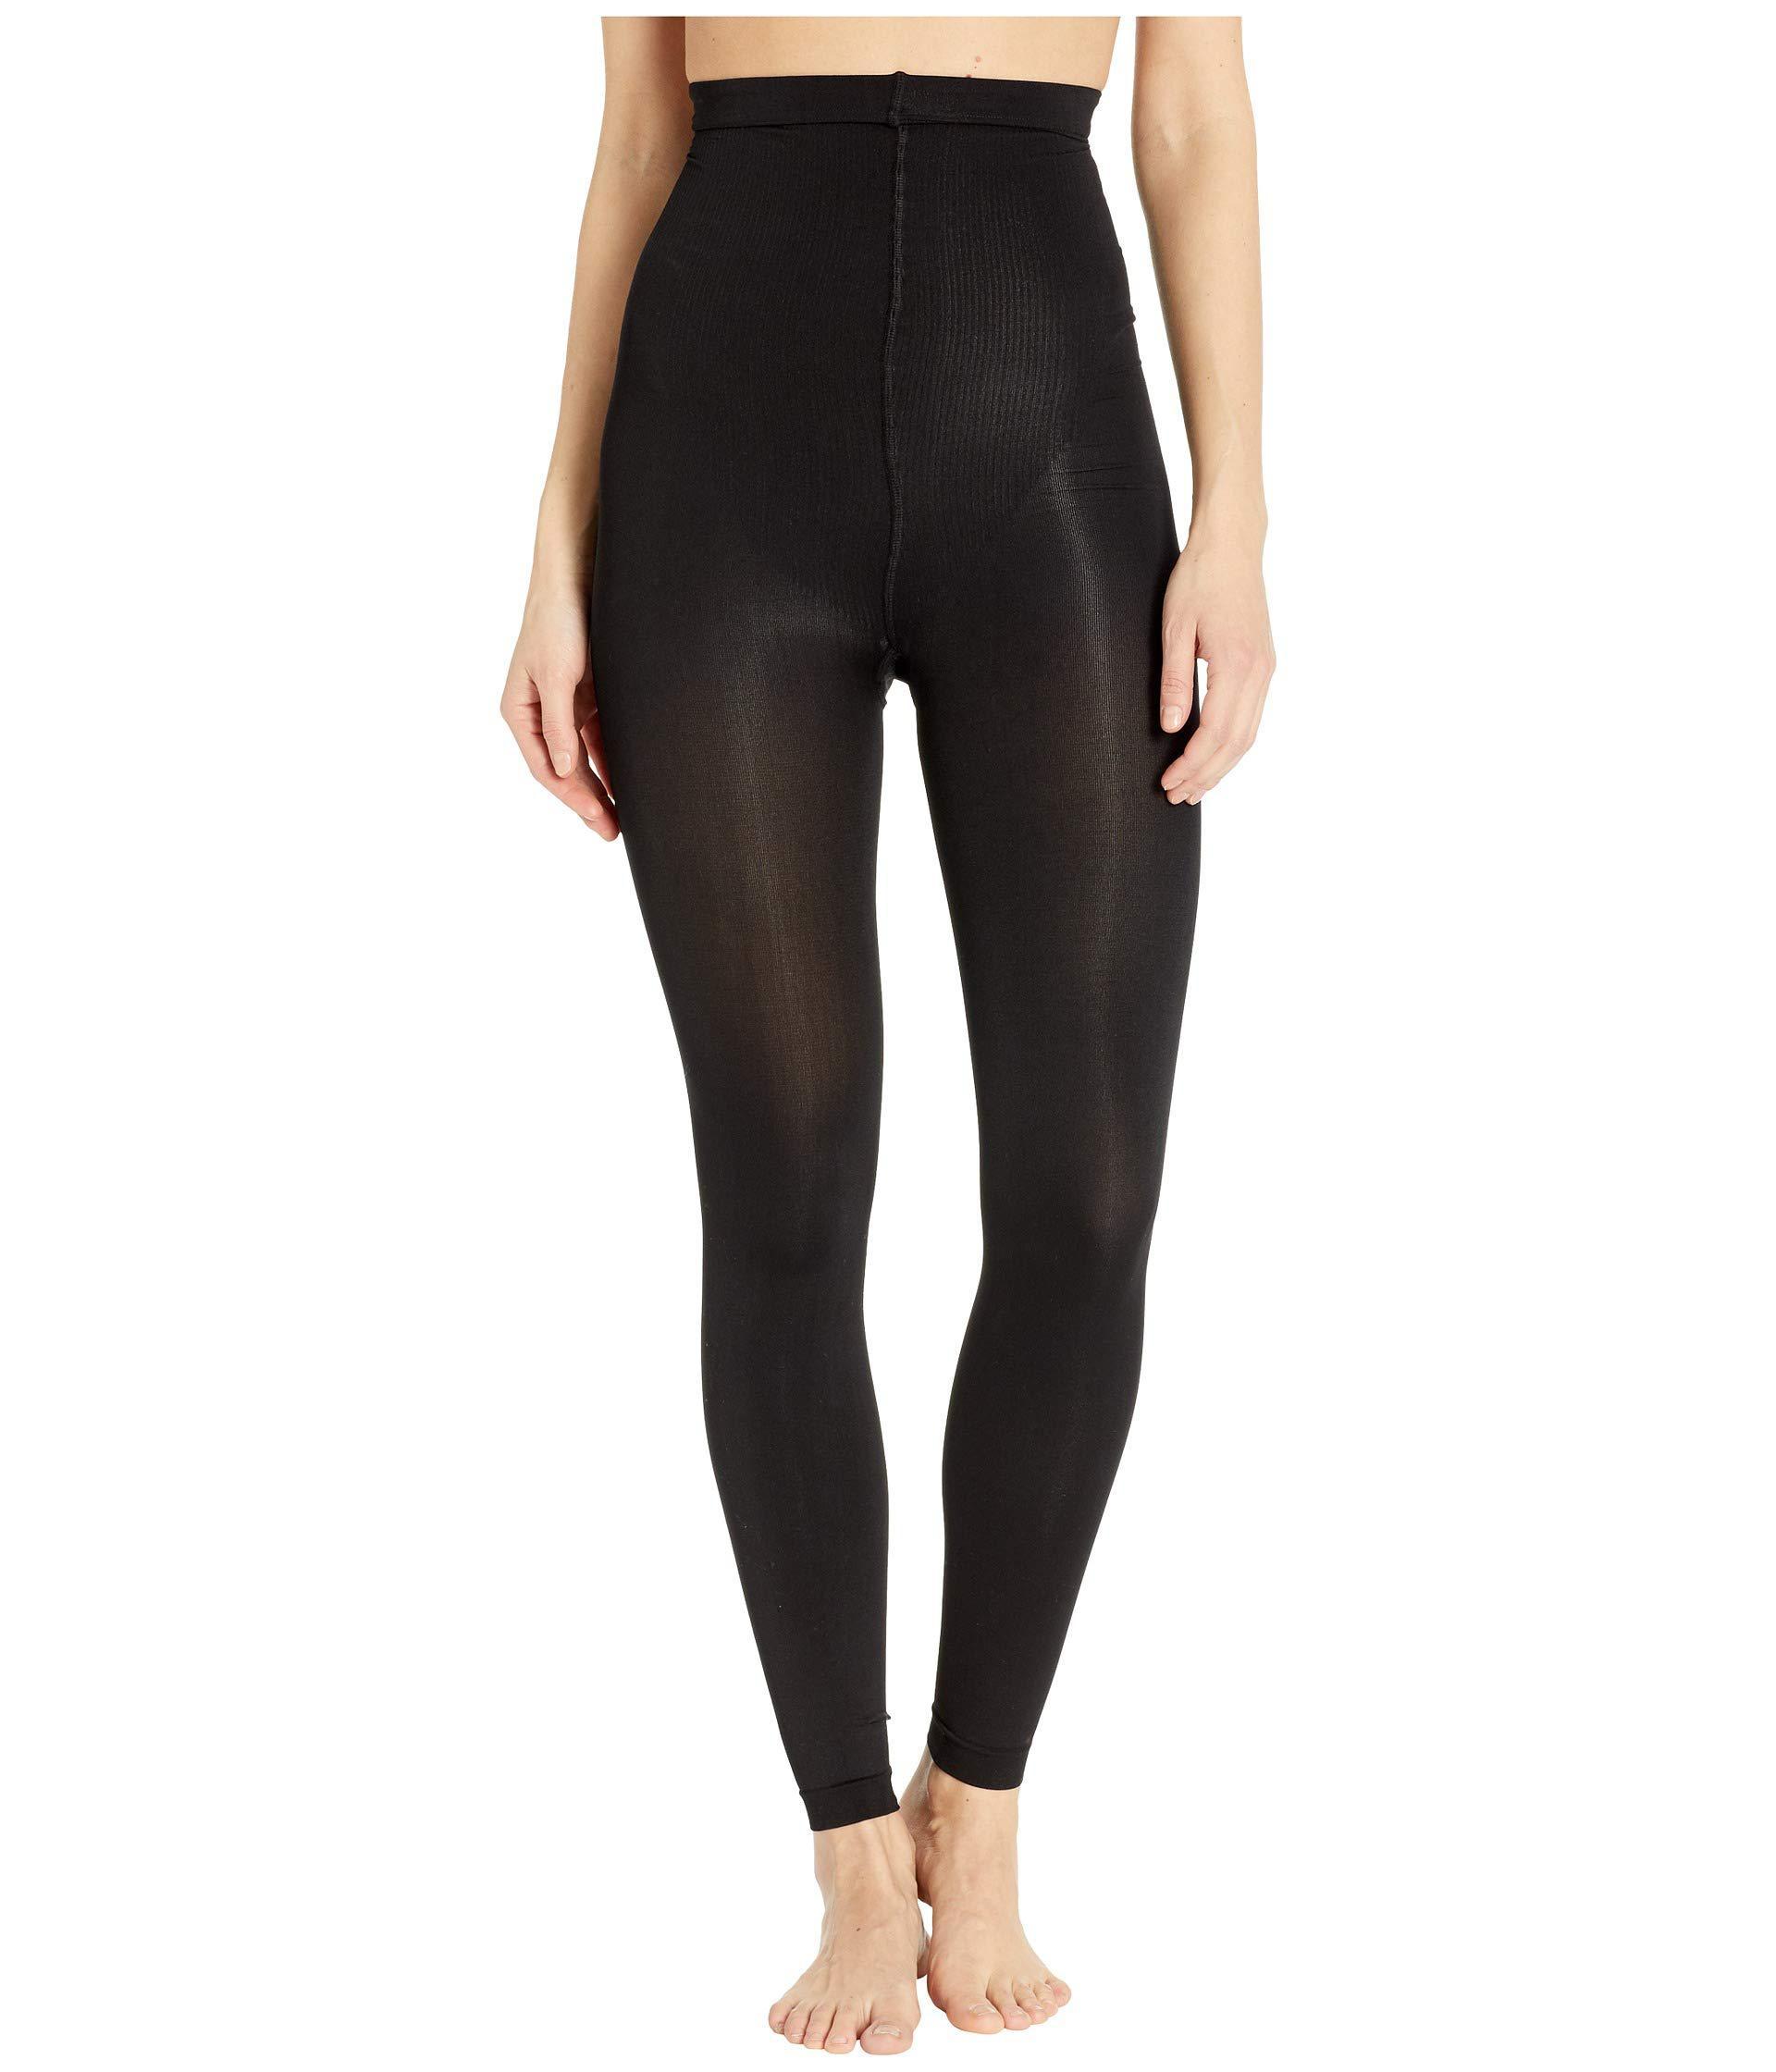 334276a87 Magic Bodyfashion High-waisted Slim Shapewear Leggings (black ...